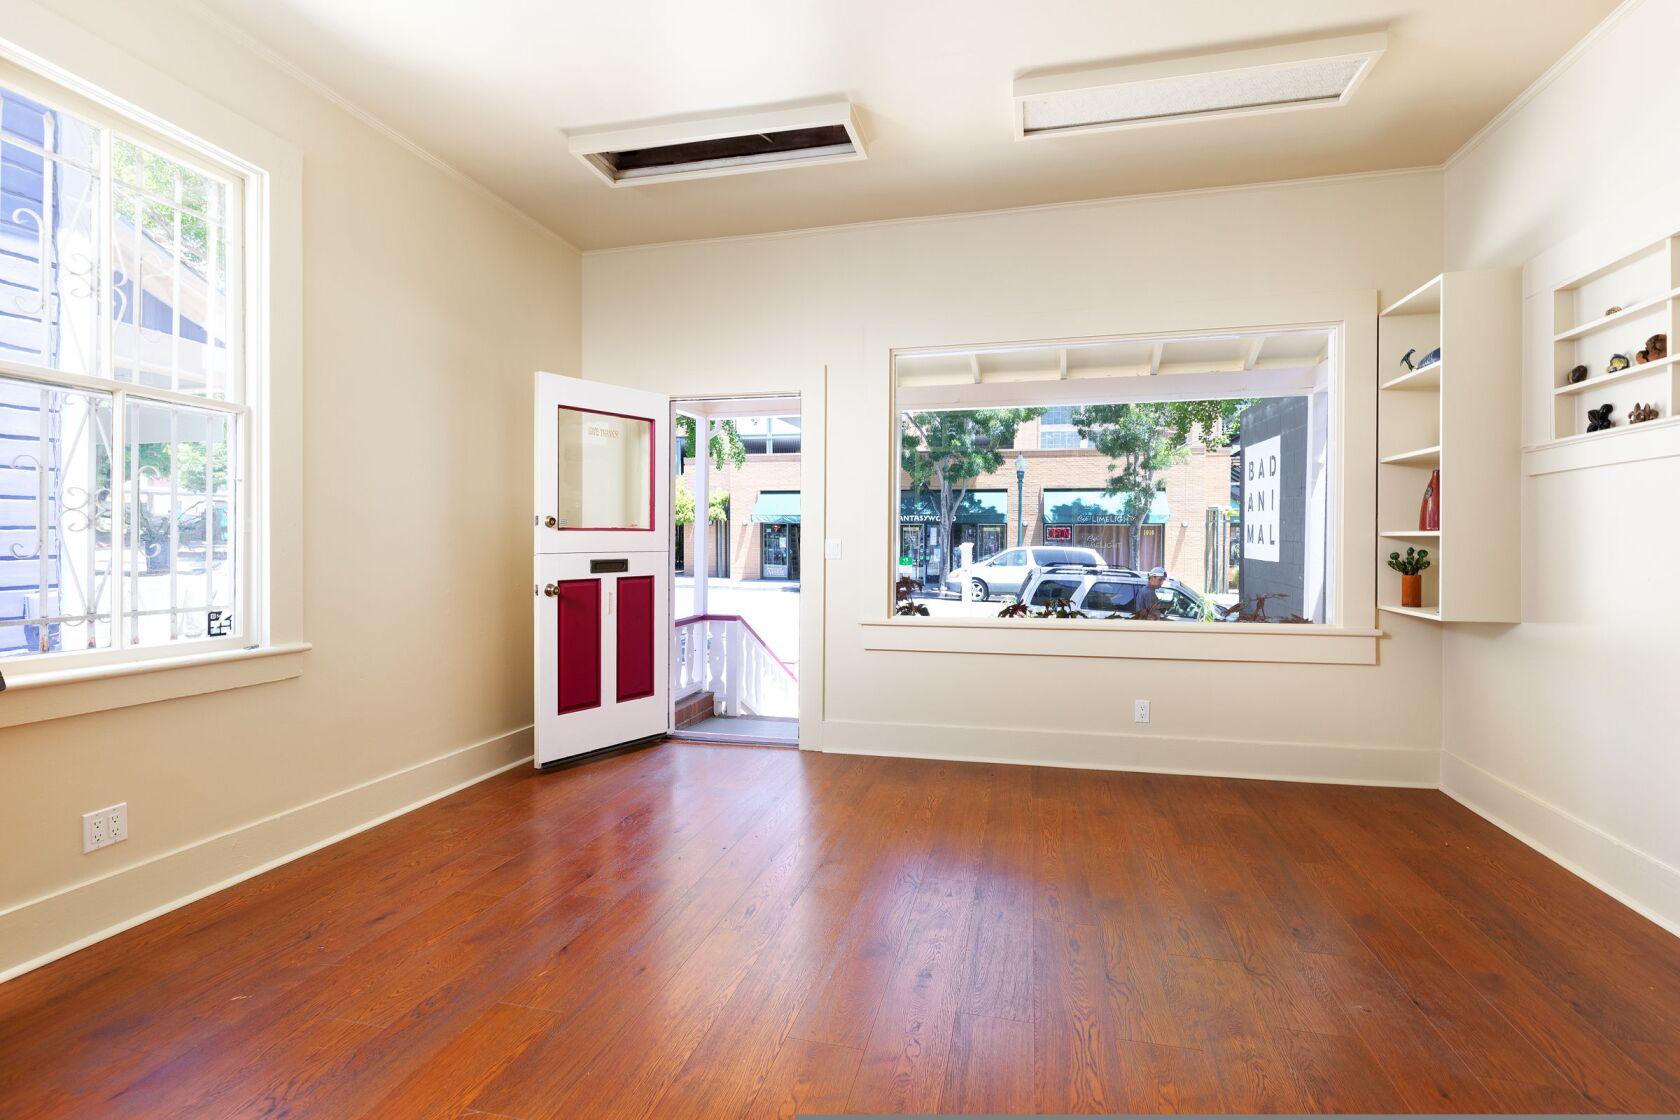 Schooner realty home photos